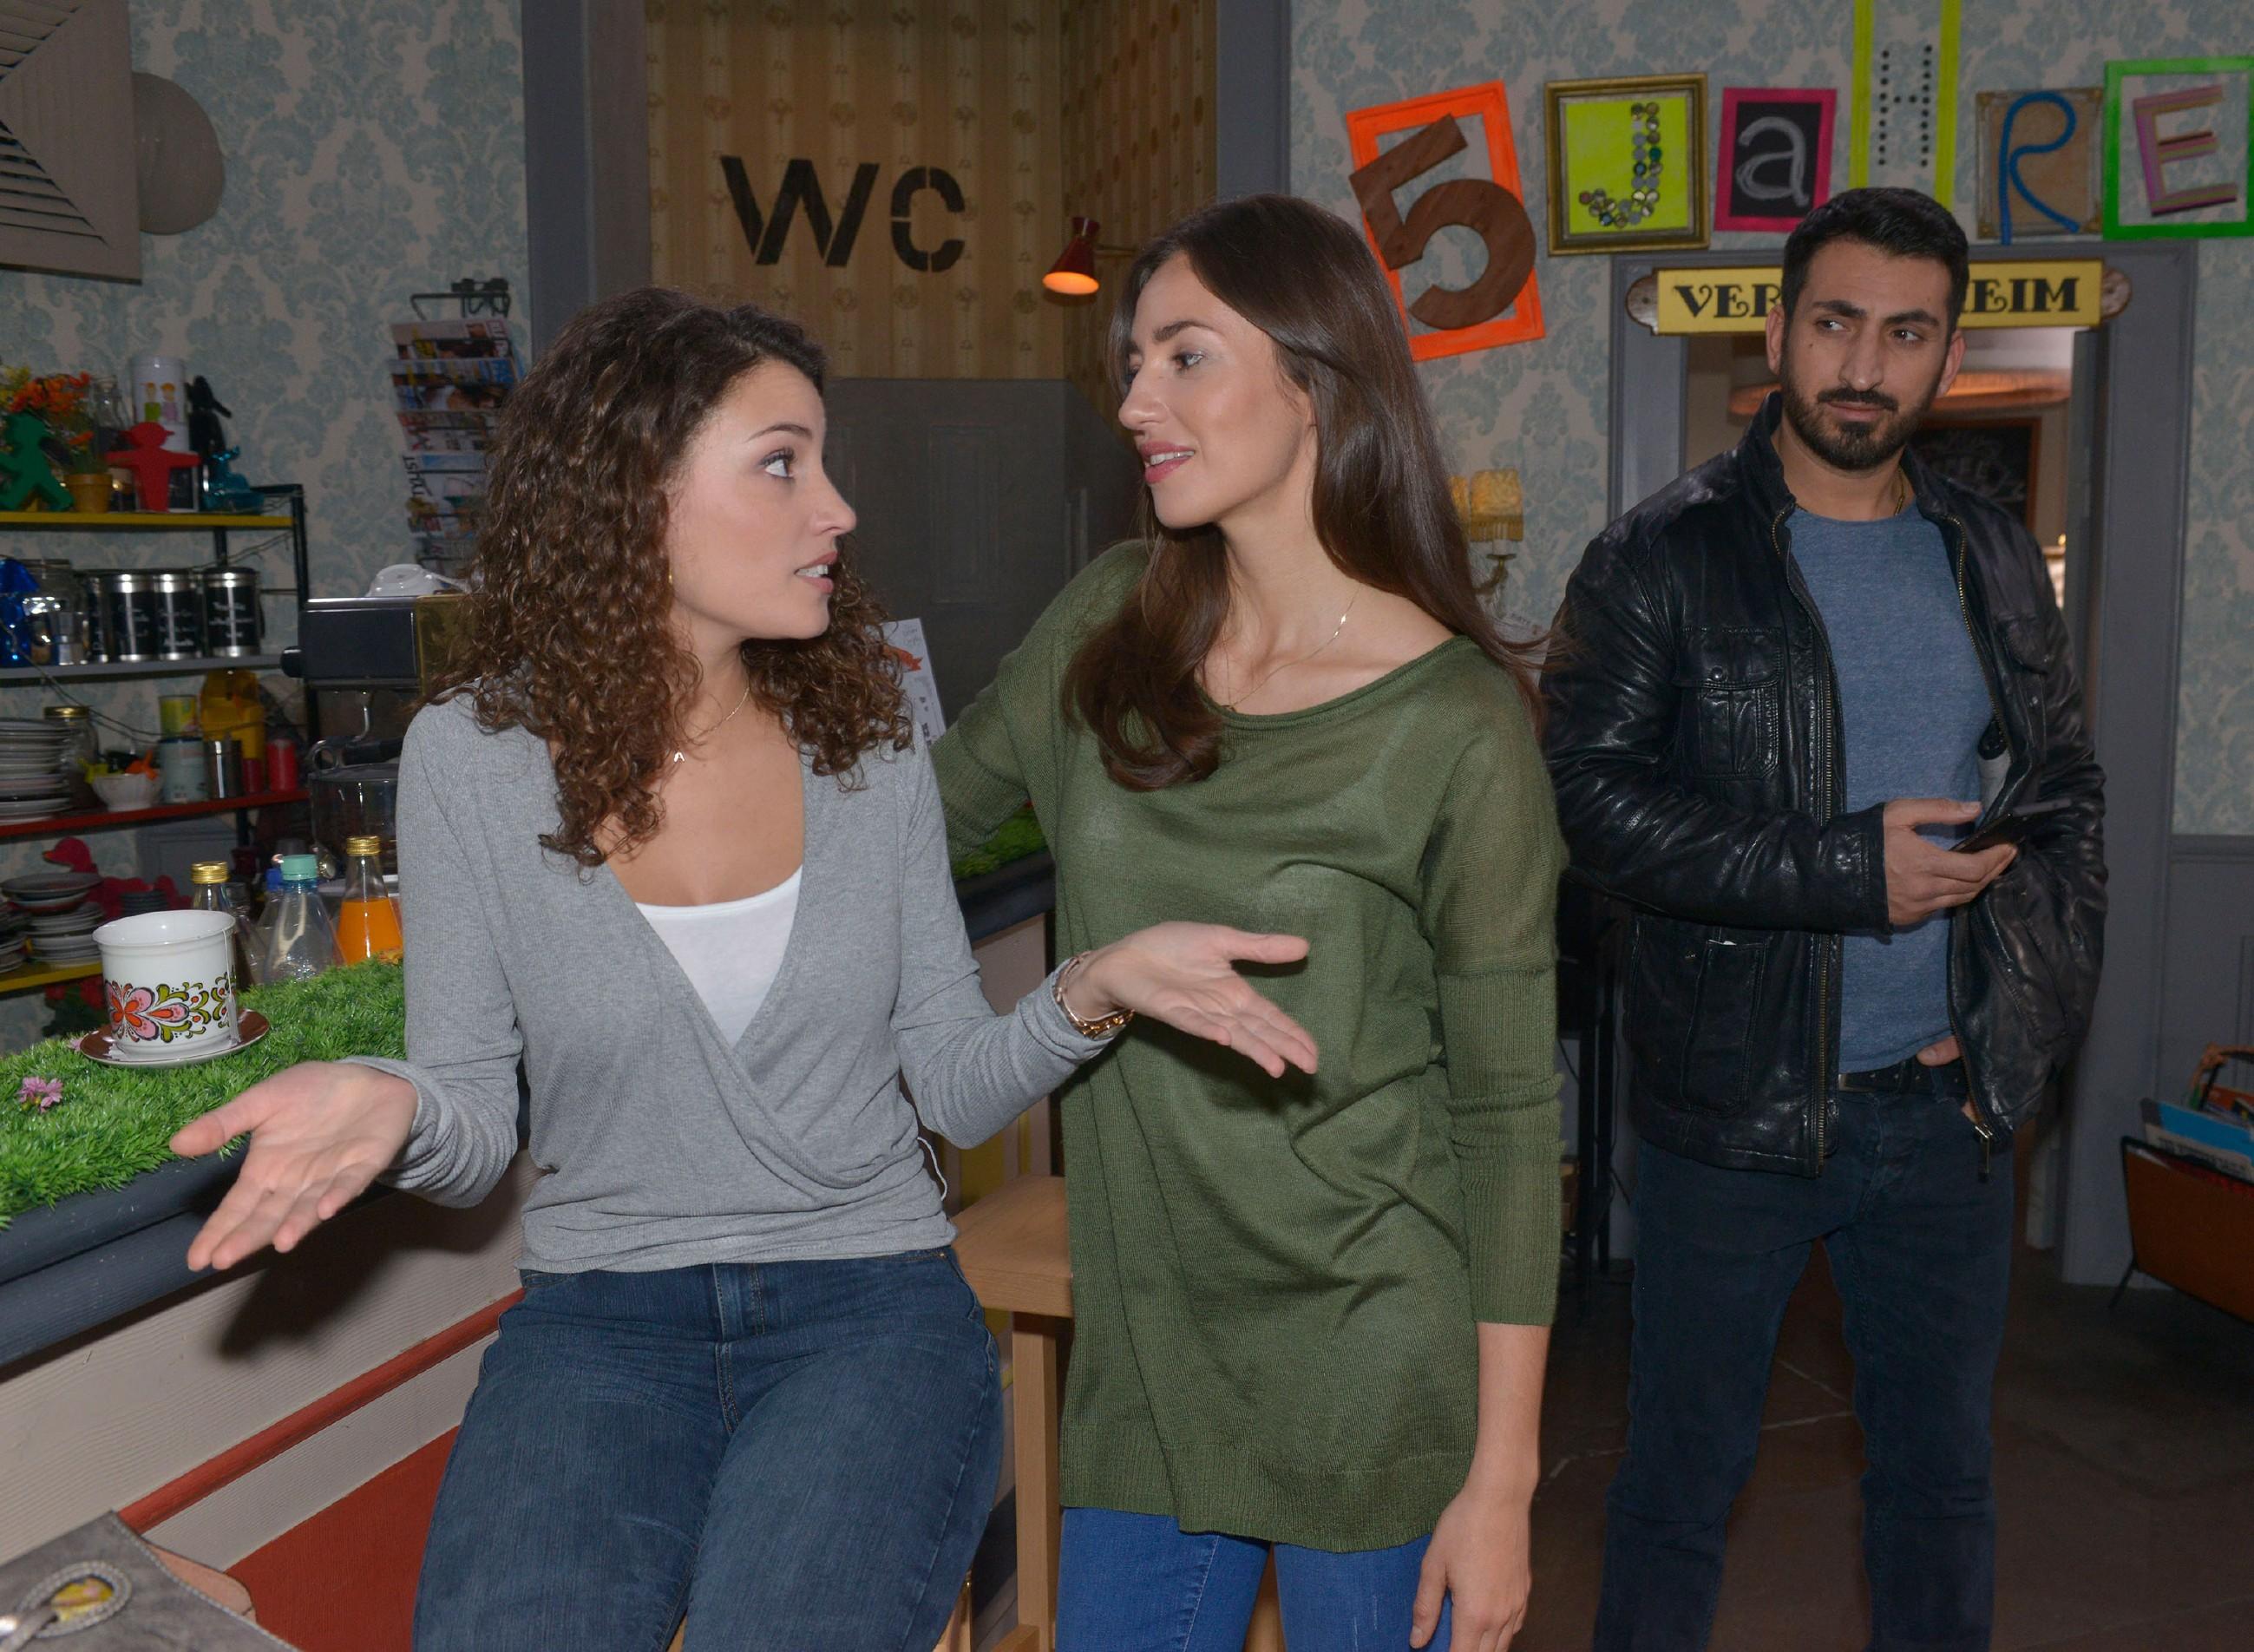 Mesut (Mustafa Alin) schöpft Hoffnung, als er ein Gespräch von Ayla (Nadine Menz, l.) und Elena (Elena Garcia Gerlach) belauscht und so erfährt, dass Ayla über das unerklärliche Abtauchen ihres anonymen Verehrers enttäuscht ist. (Quelle: RTL / Rolf Baumgartner)